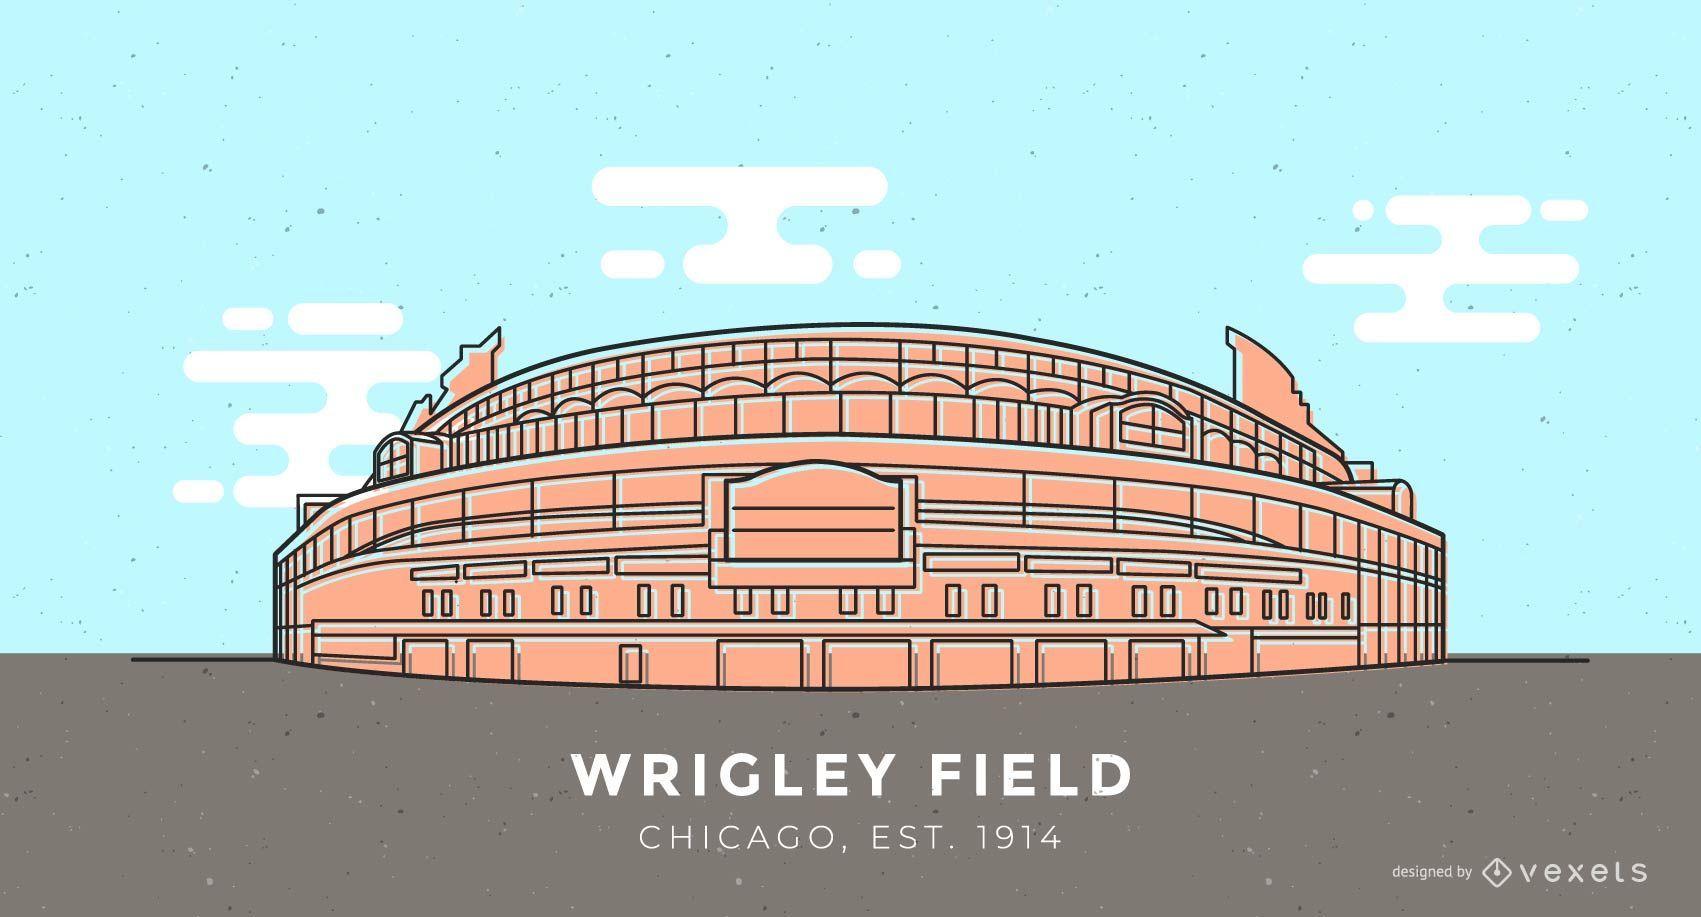 Ilustração do estádio de beisebol Wrigley Field